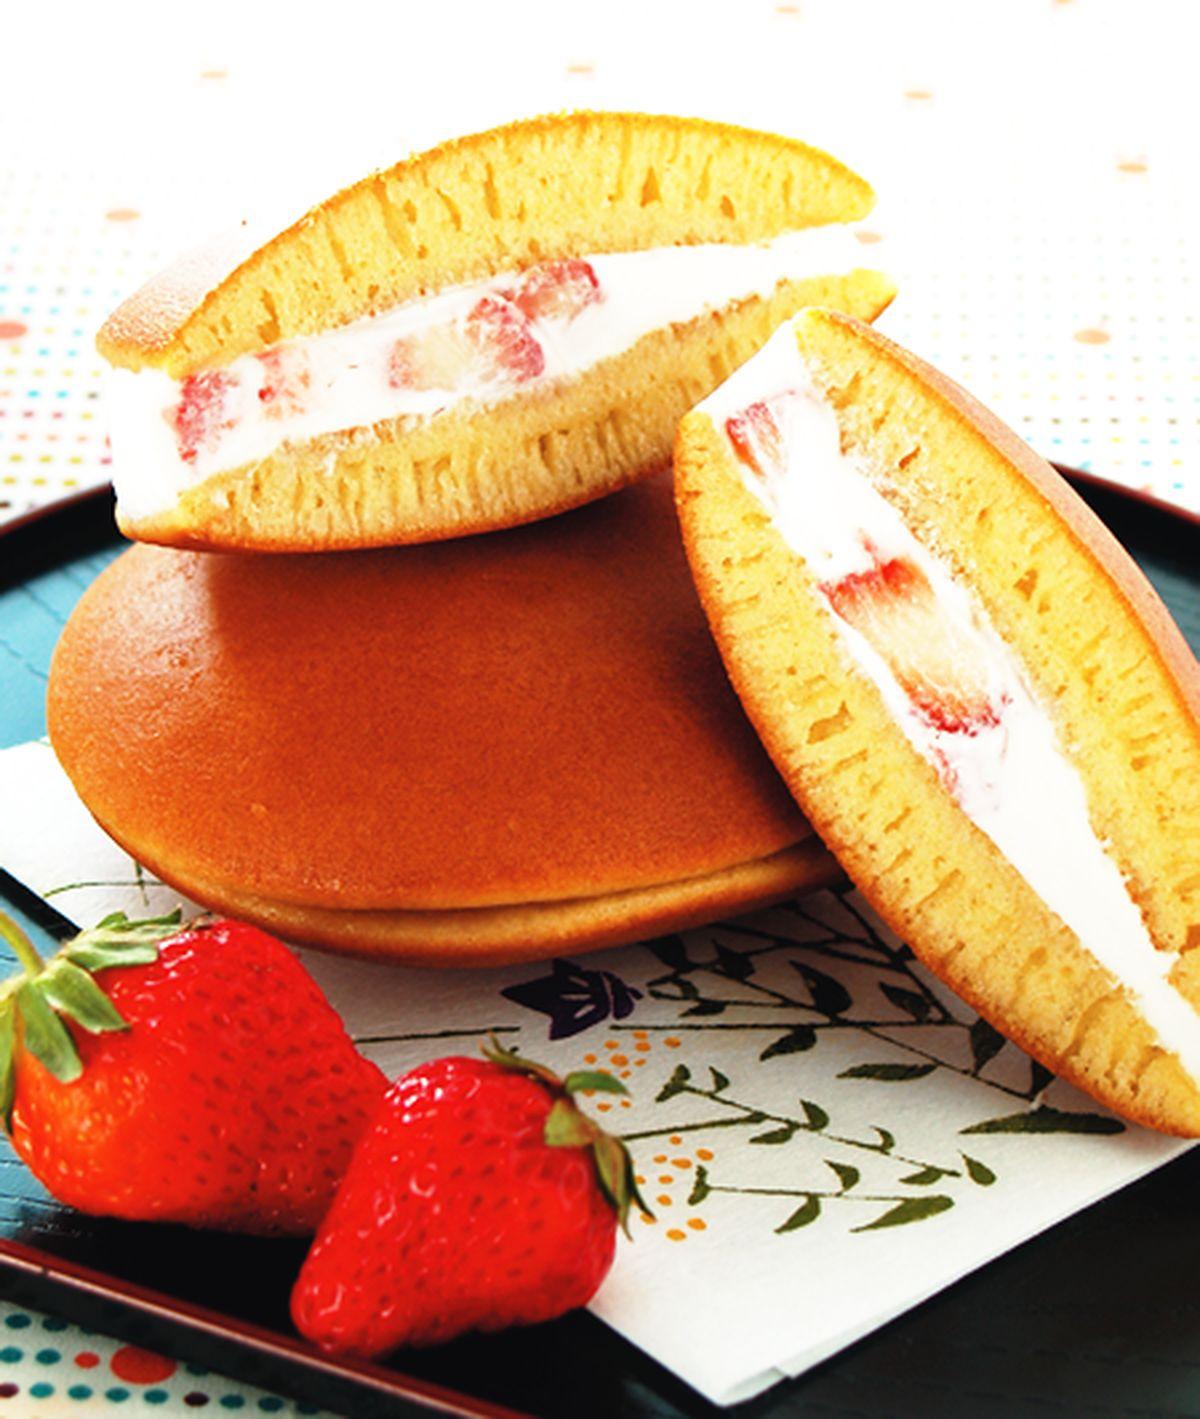 食譜:微醺草莓銅鑼燒